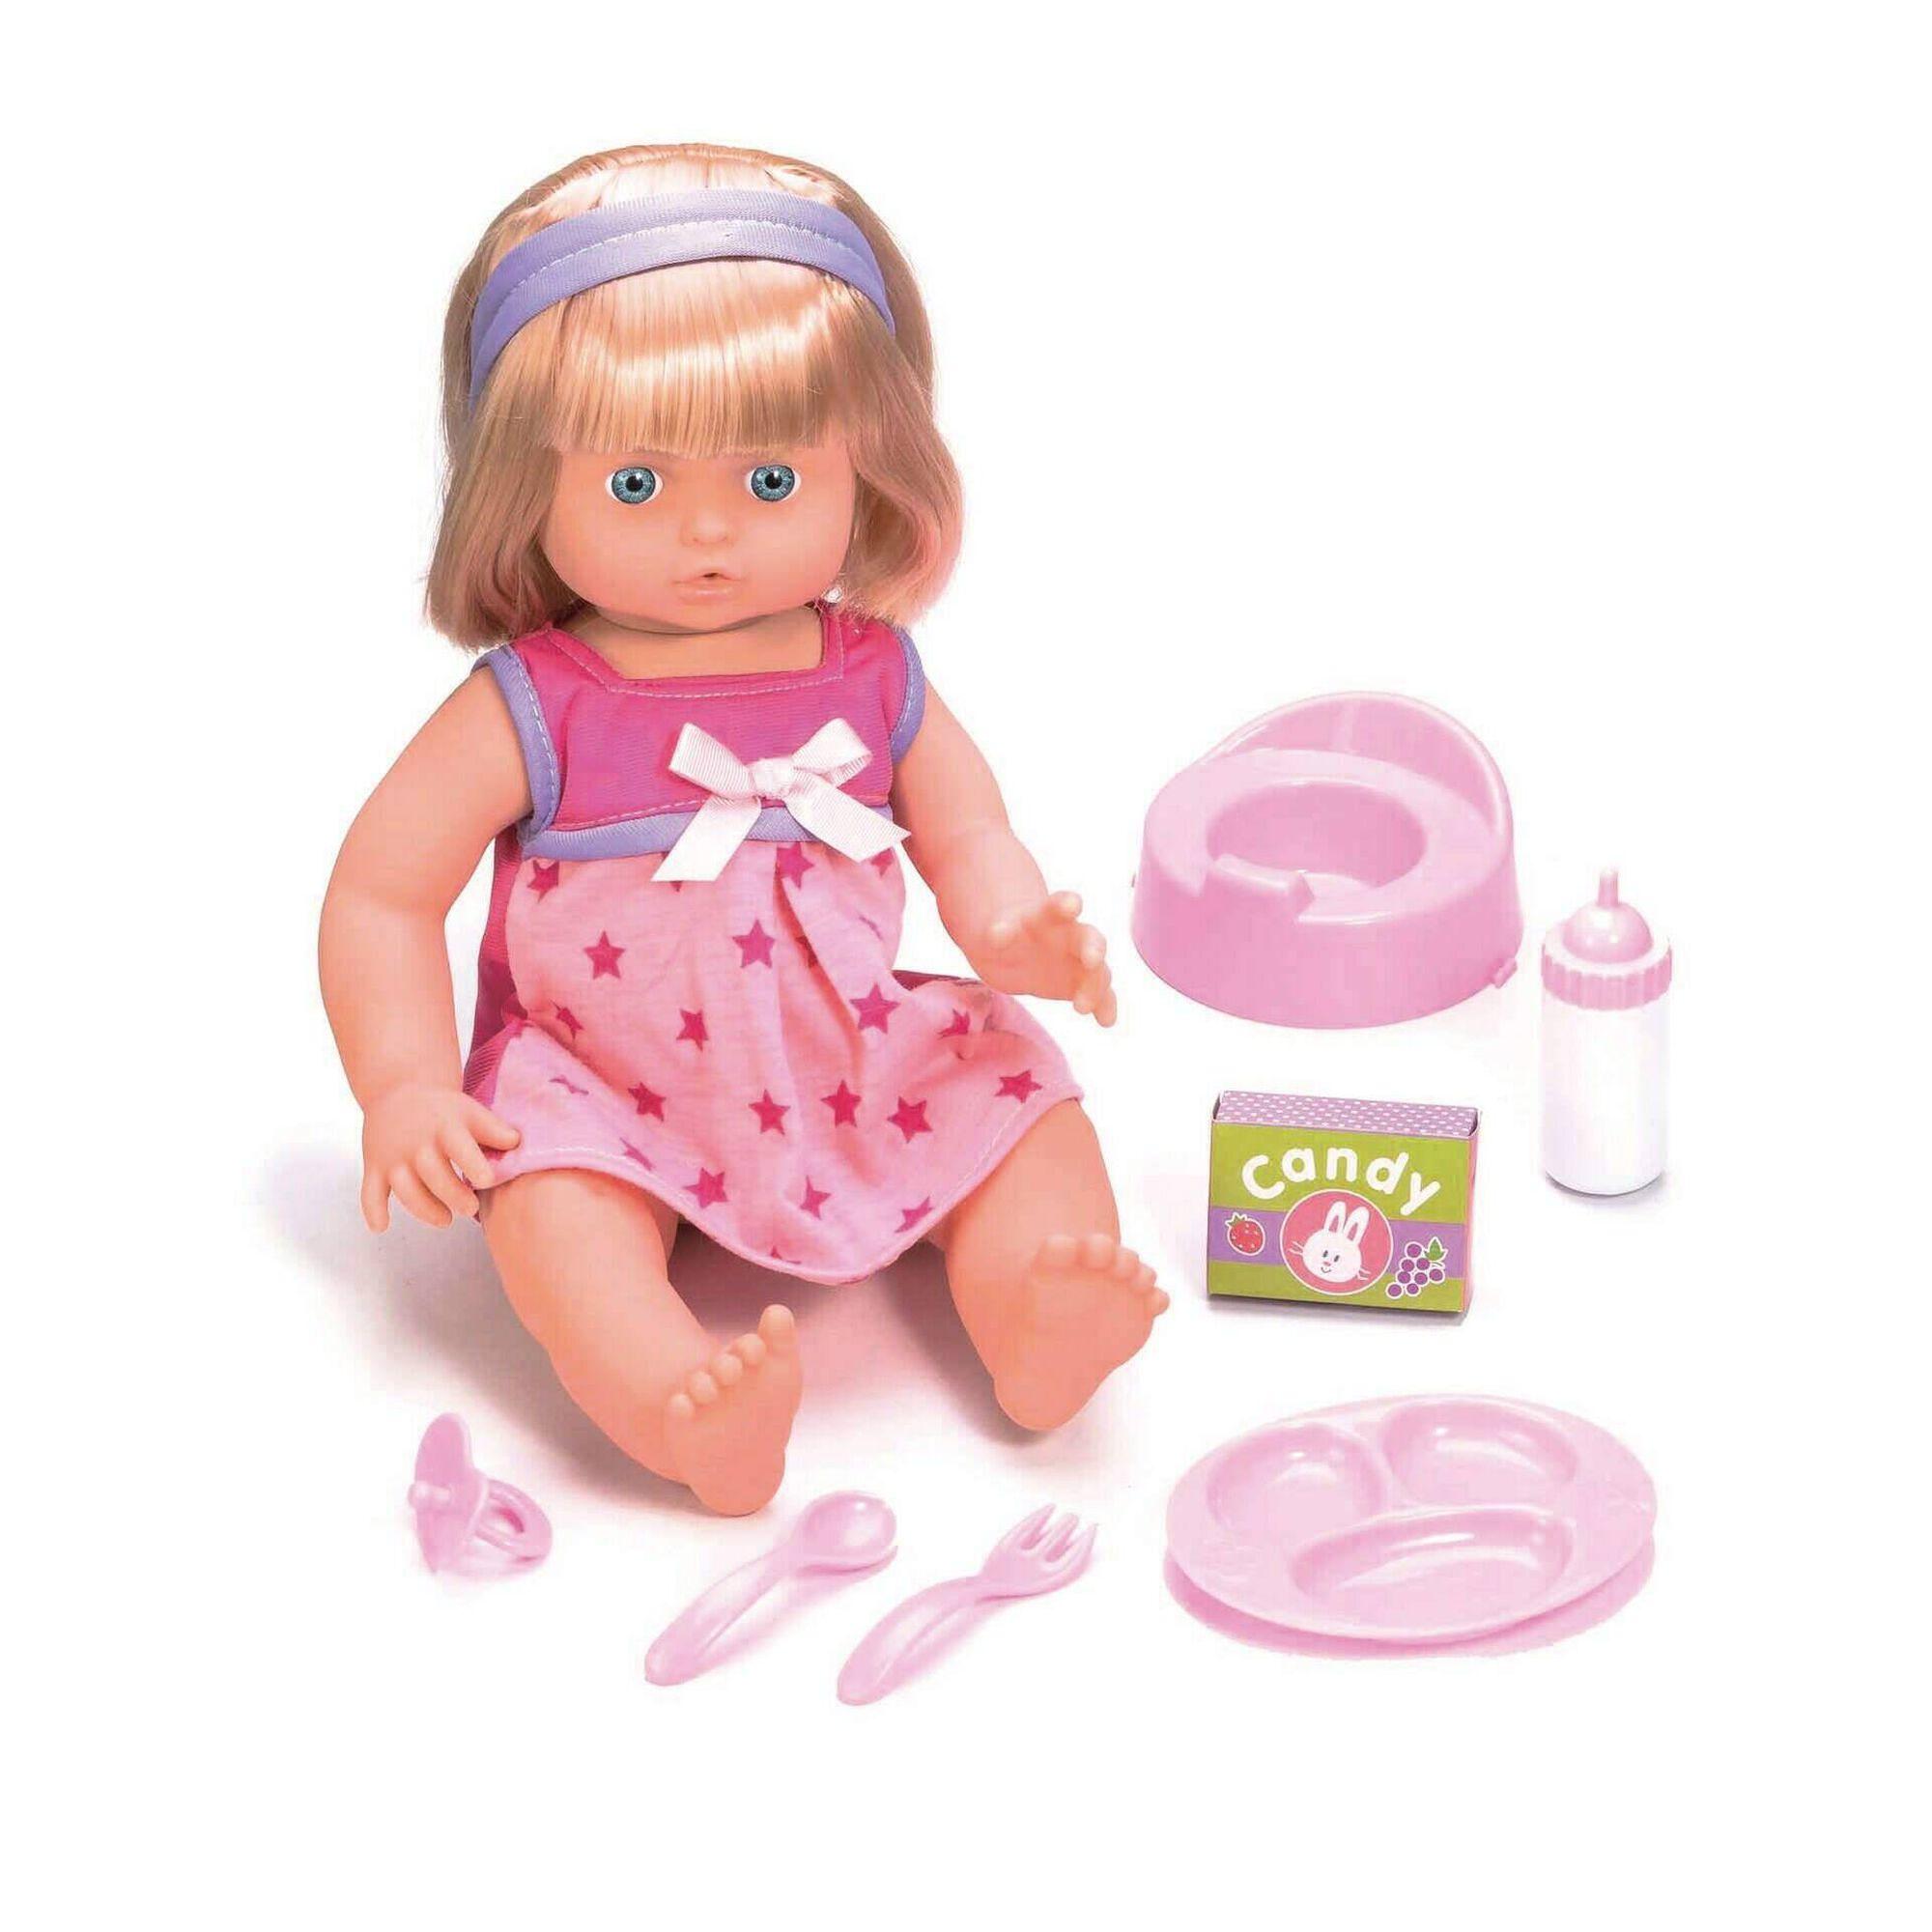 Boneco Titucho - Bebé Menina (vários modelos)